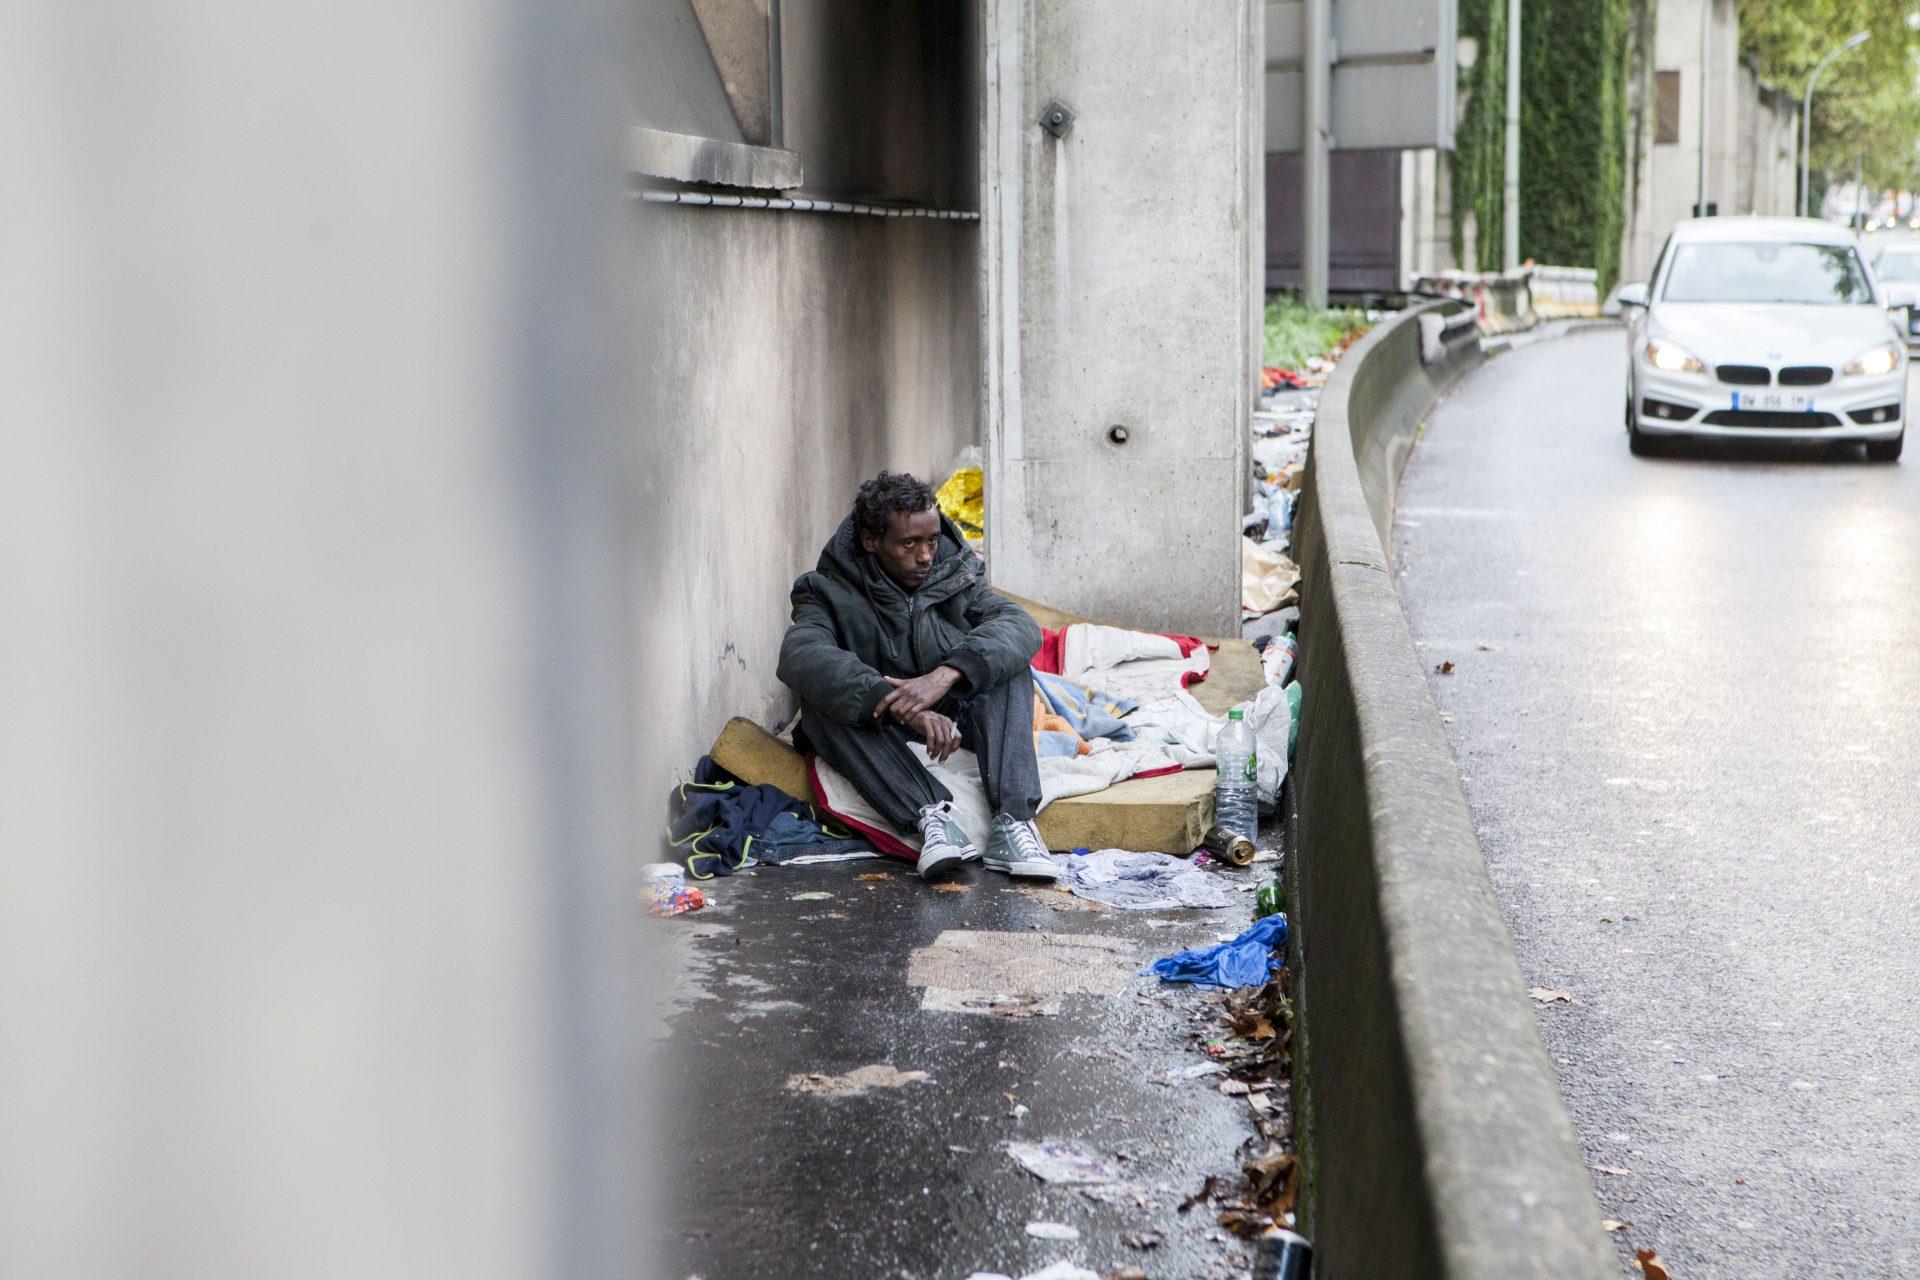 L'errance des migrants // Paris